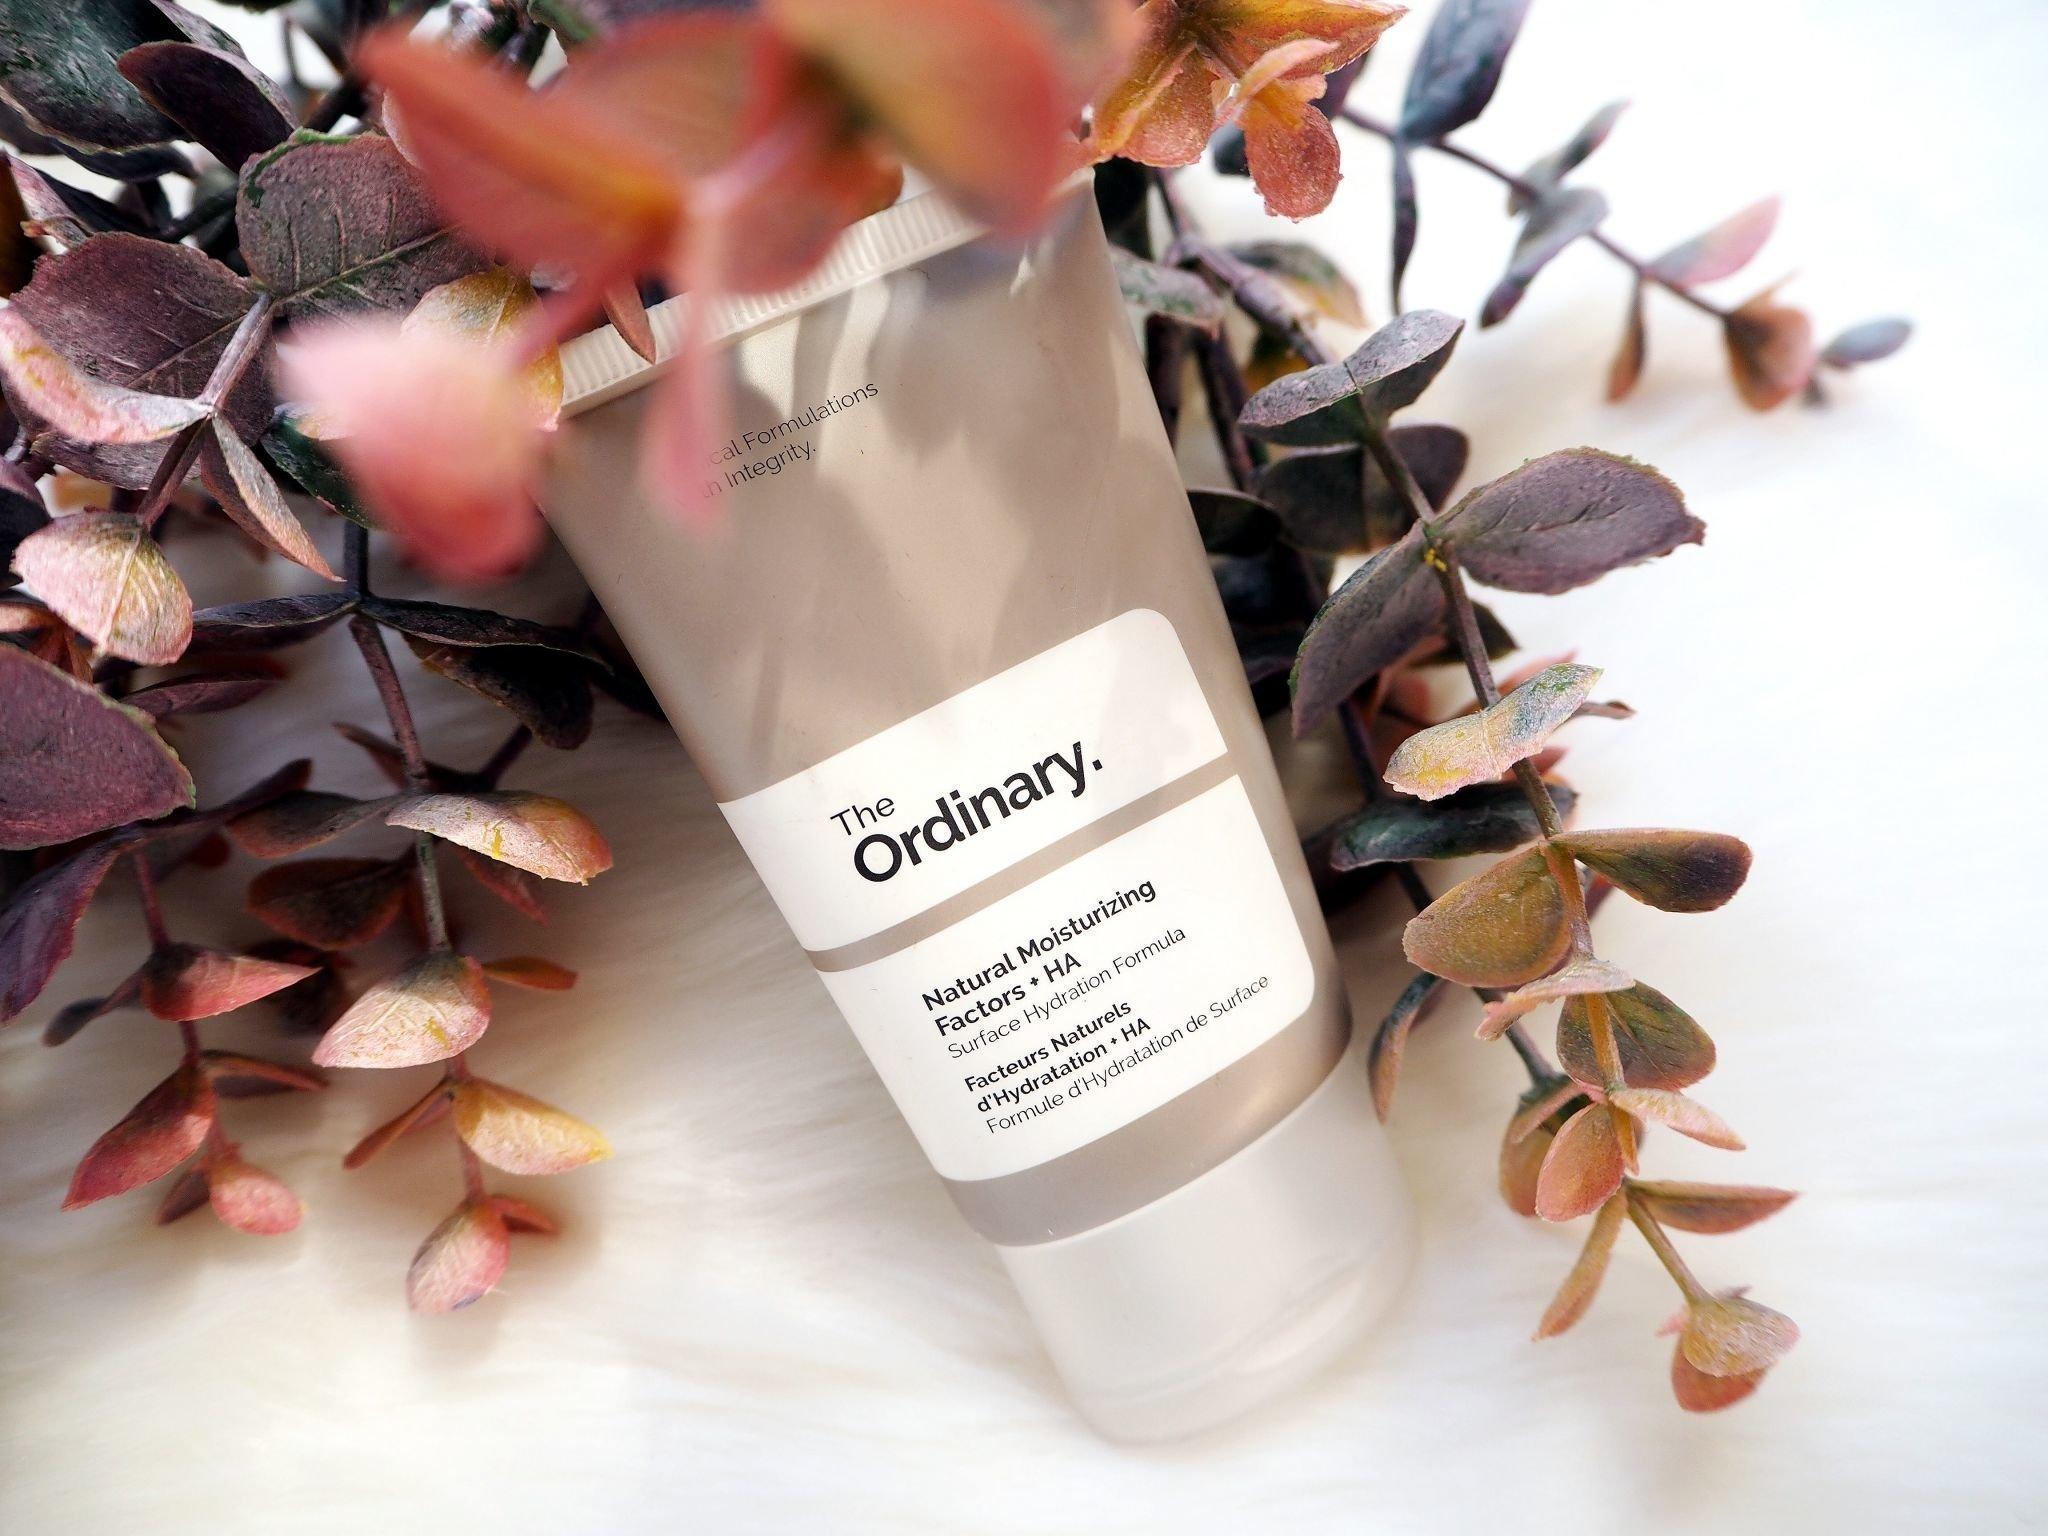 """Kem dưỡng The Ordinary giúp da khỏe mạnh, """"ngậm nước"""" và đàn hồi hơn từng ngày. (nguồn: Internet)"""